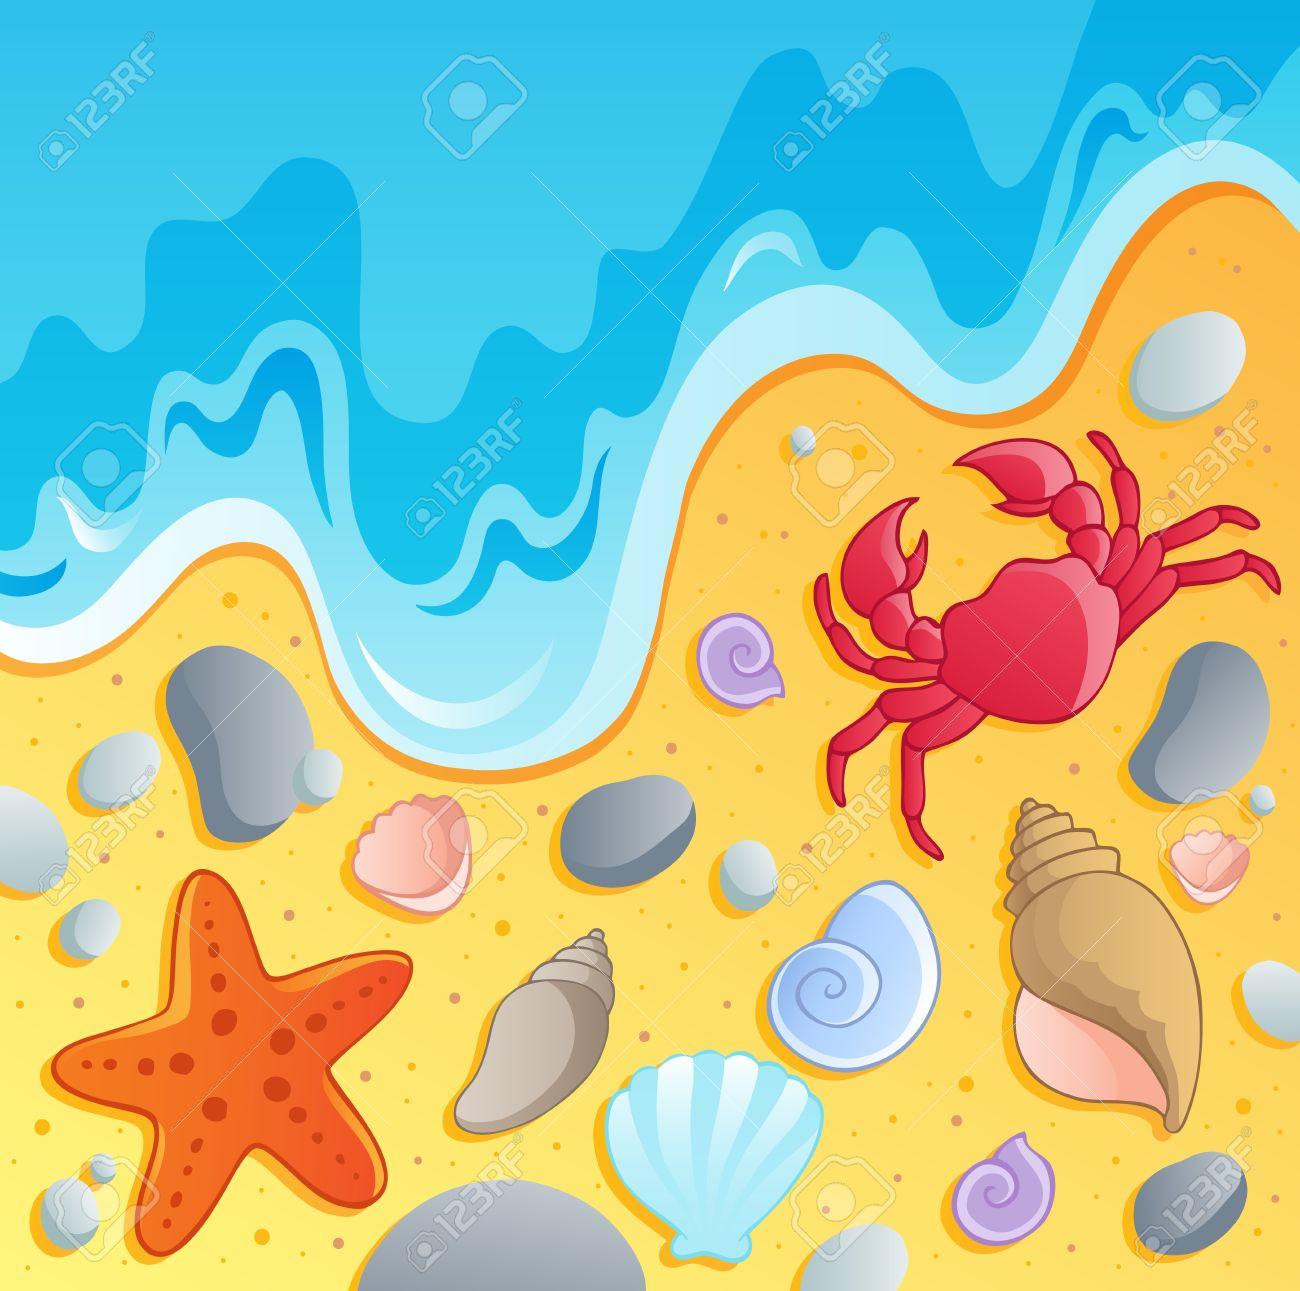 Seashells on the beach clipart.